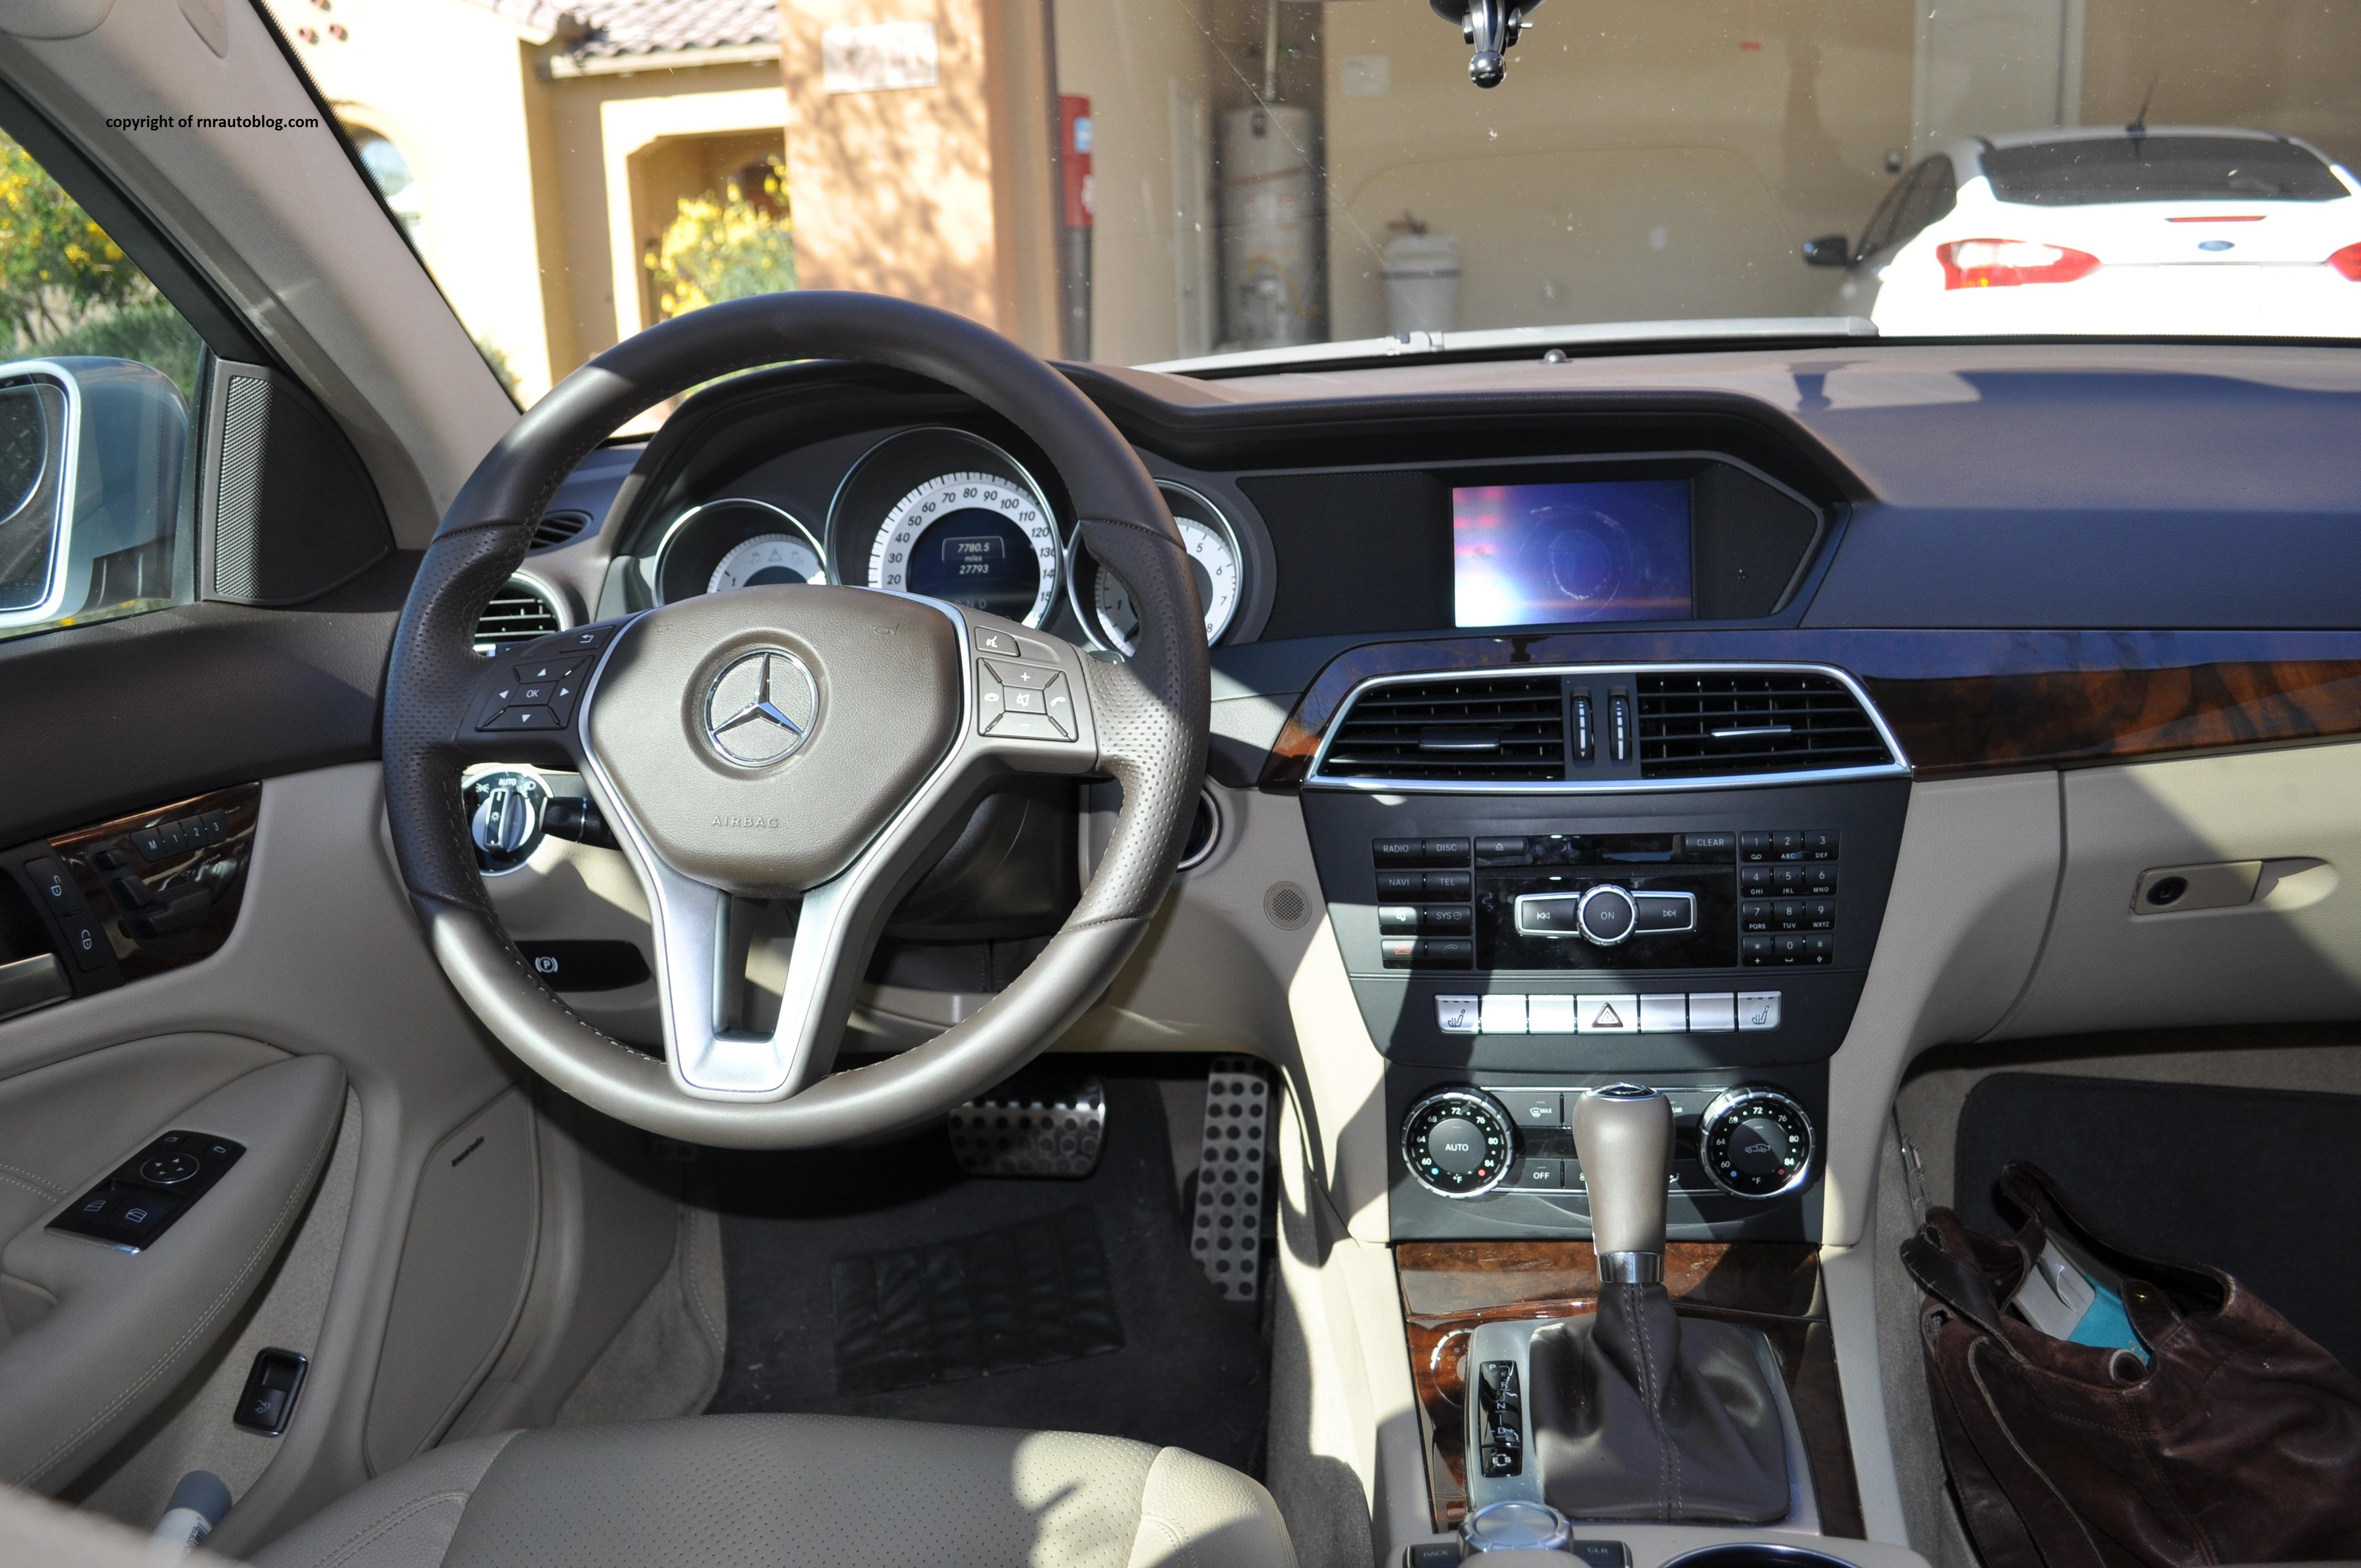 2012 Mercedes-Benz C250 Coupe Review | RNR Automotive Blog